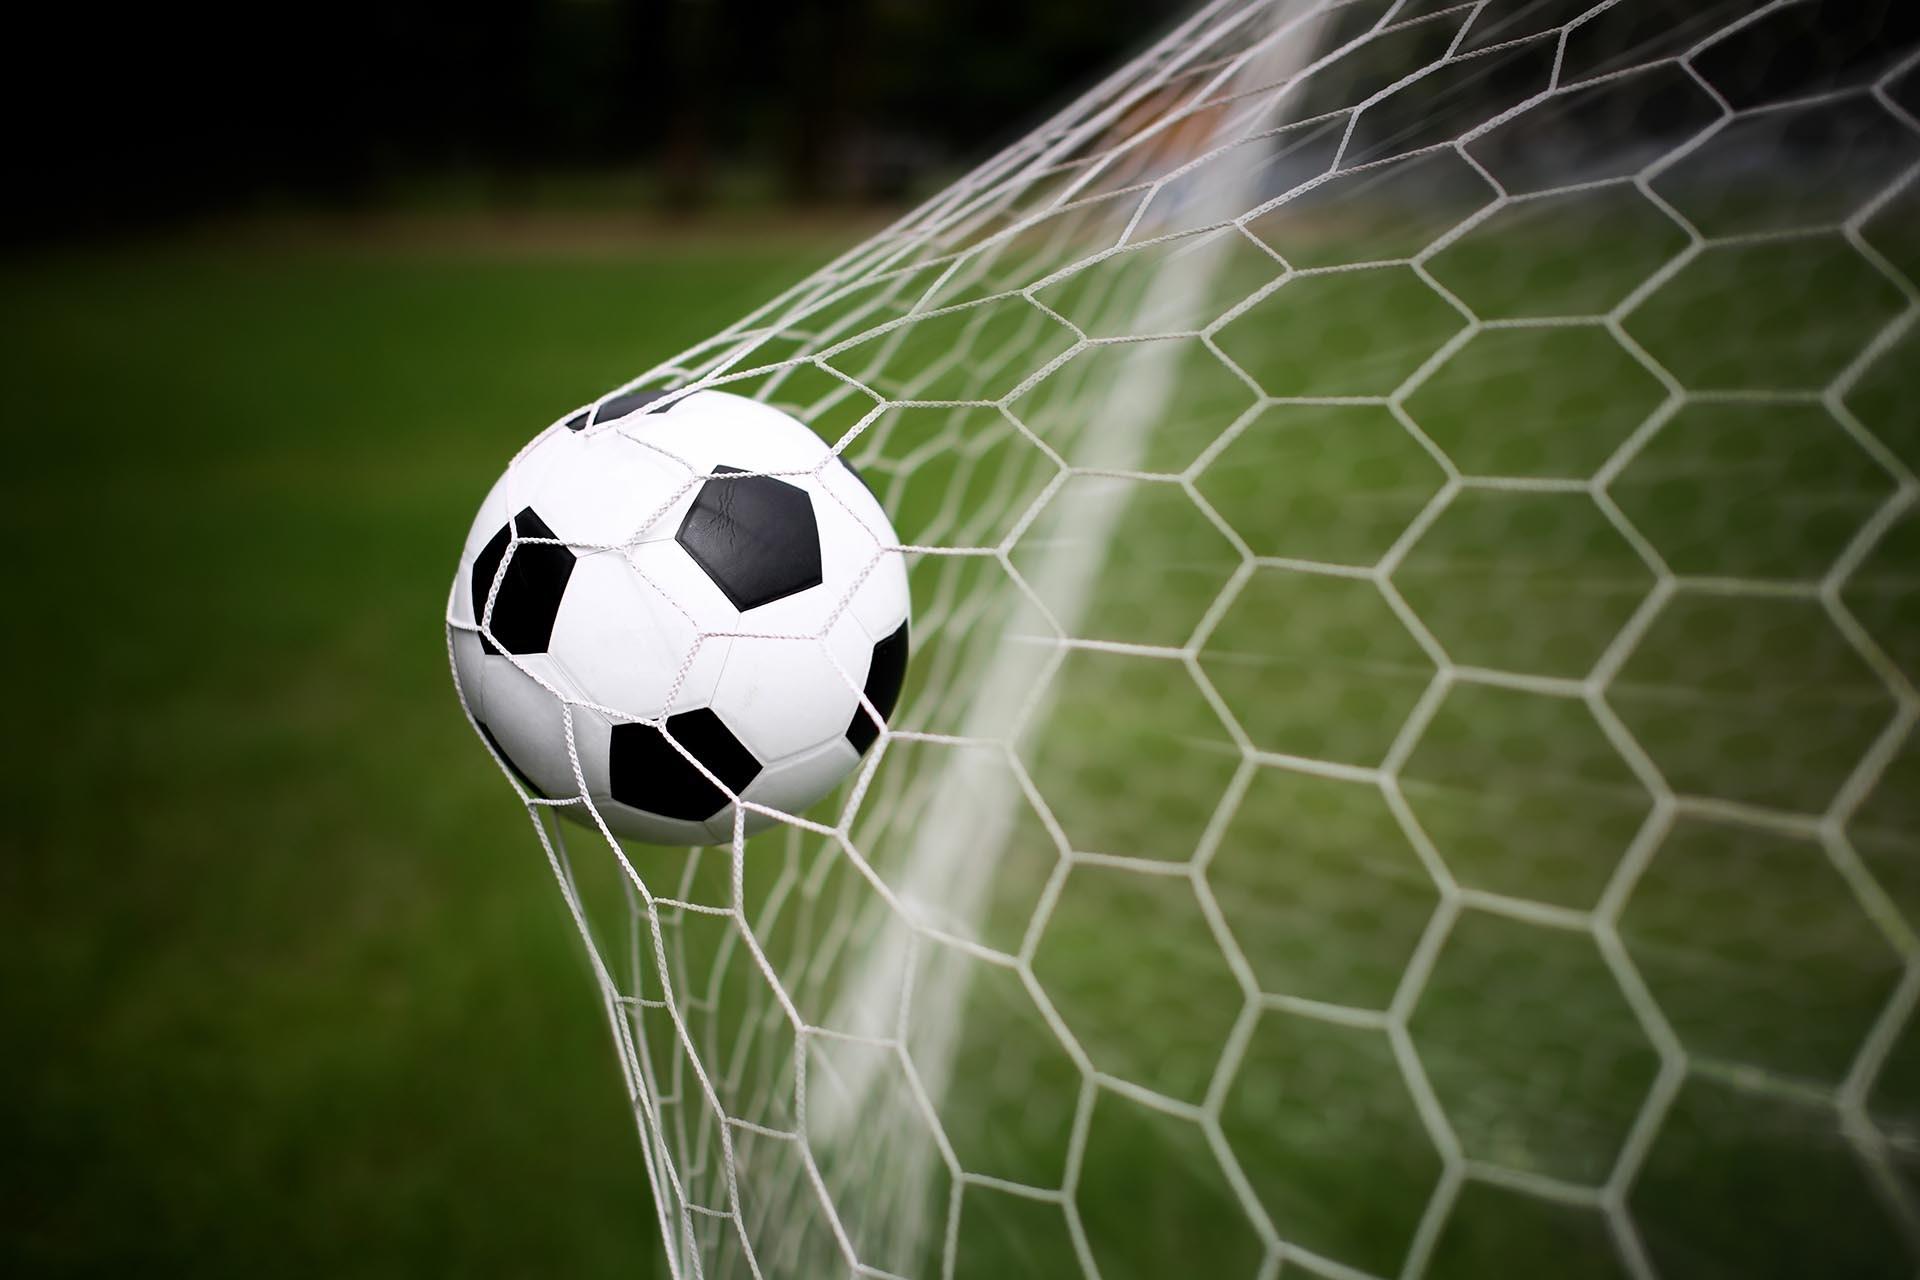 منتخب النمسا يواجه هولندا وديا قبل أيام من يورو 2016